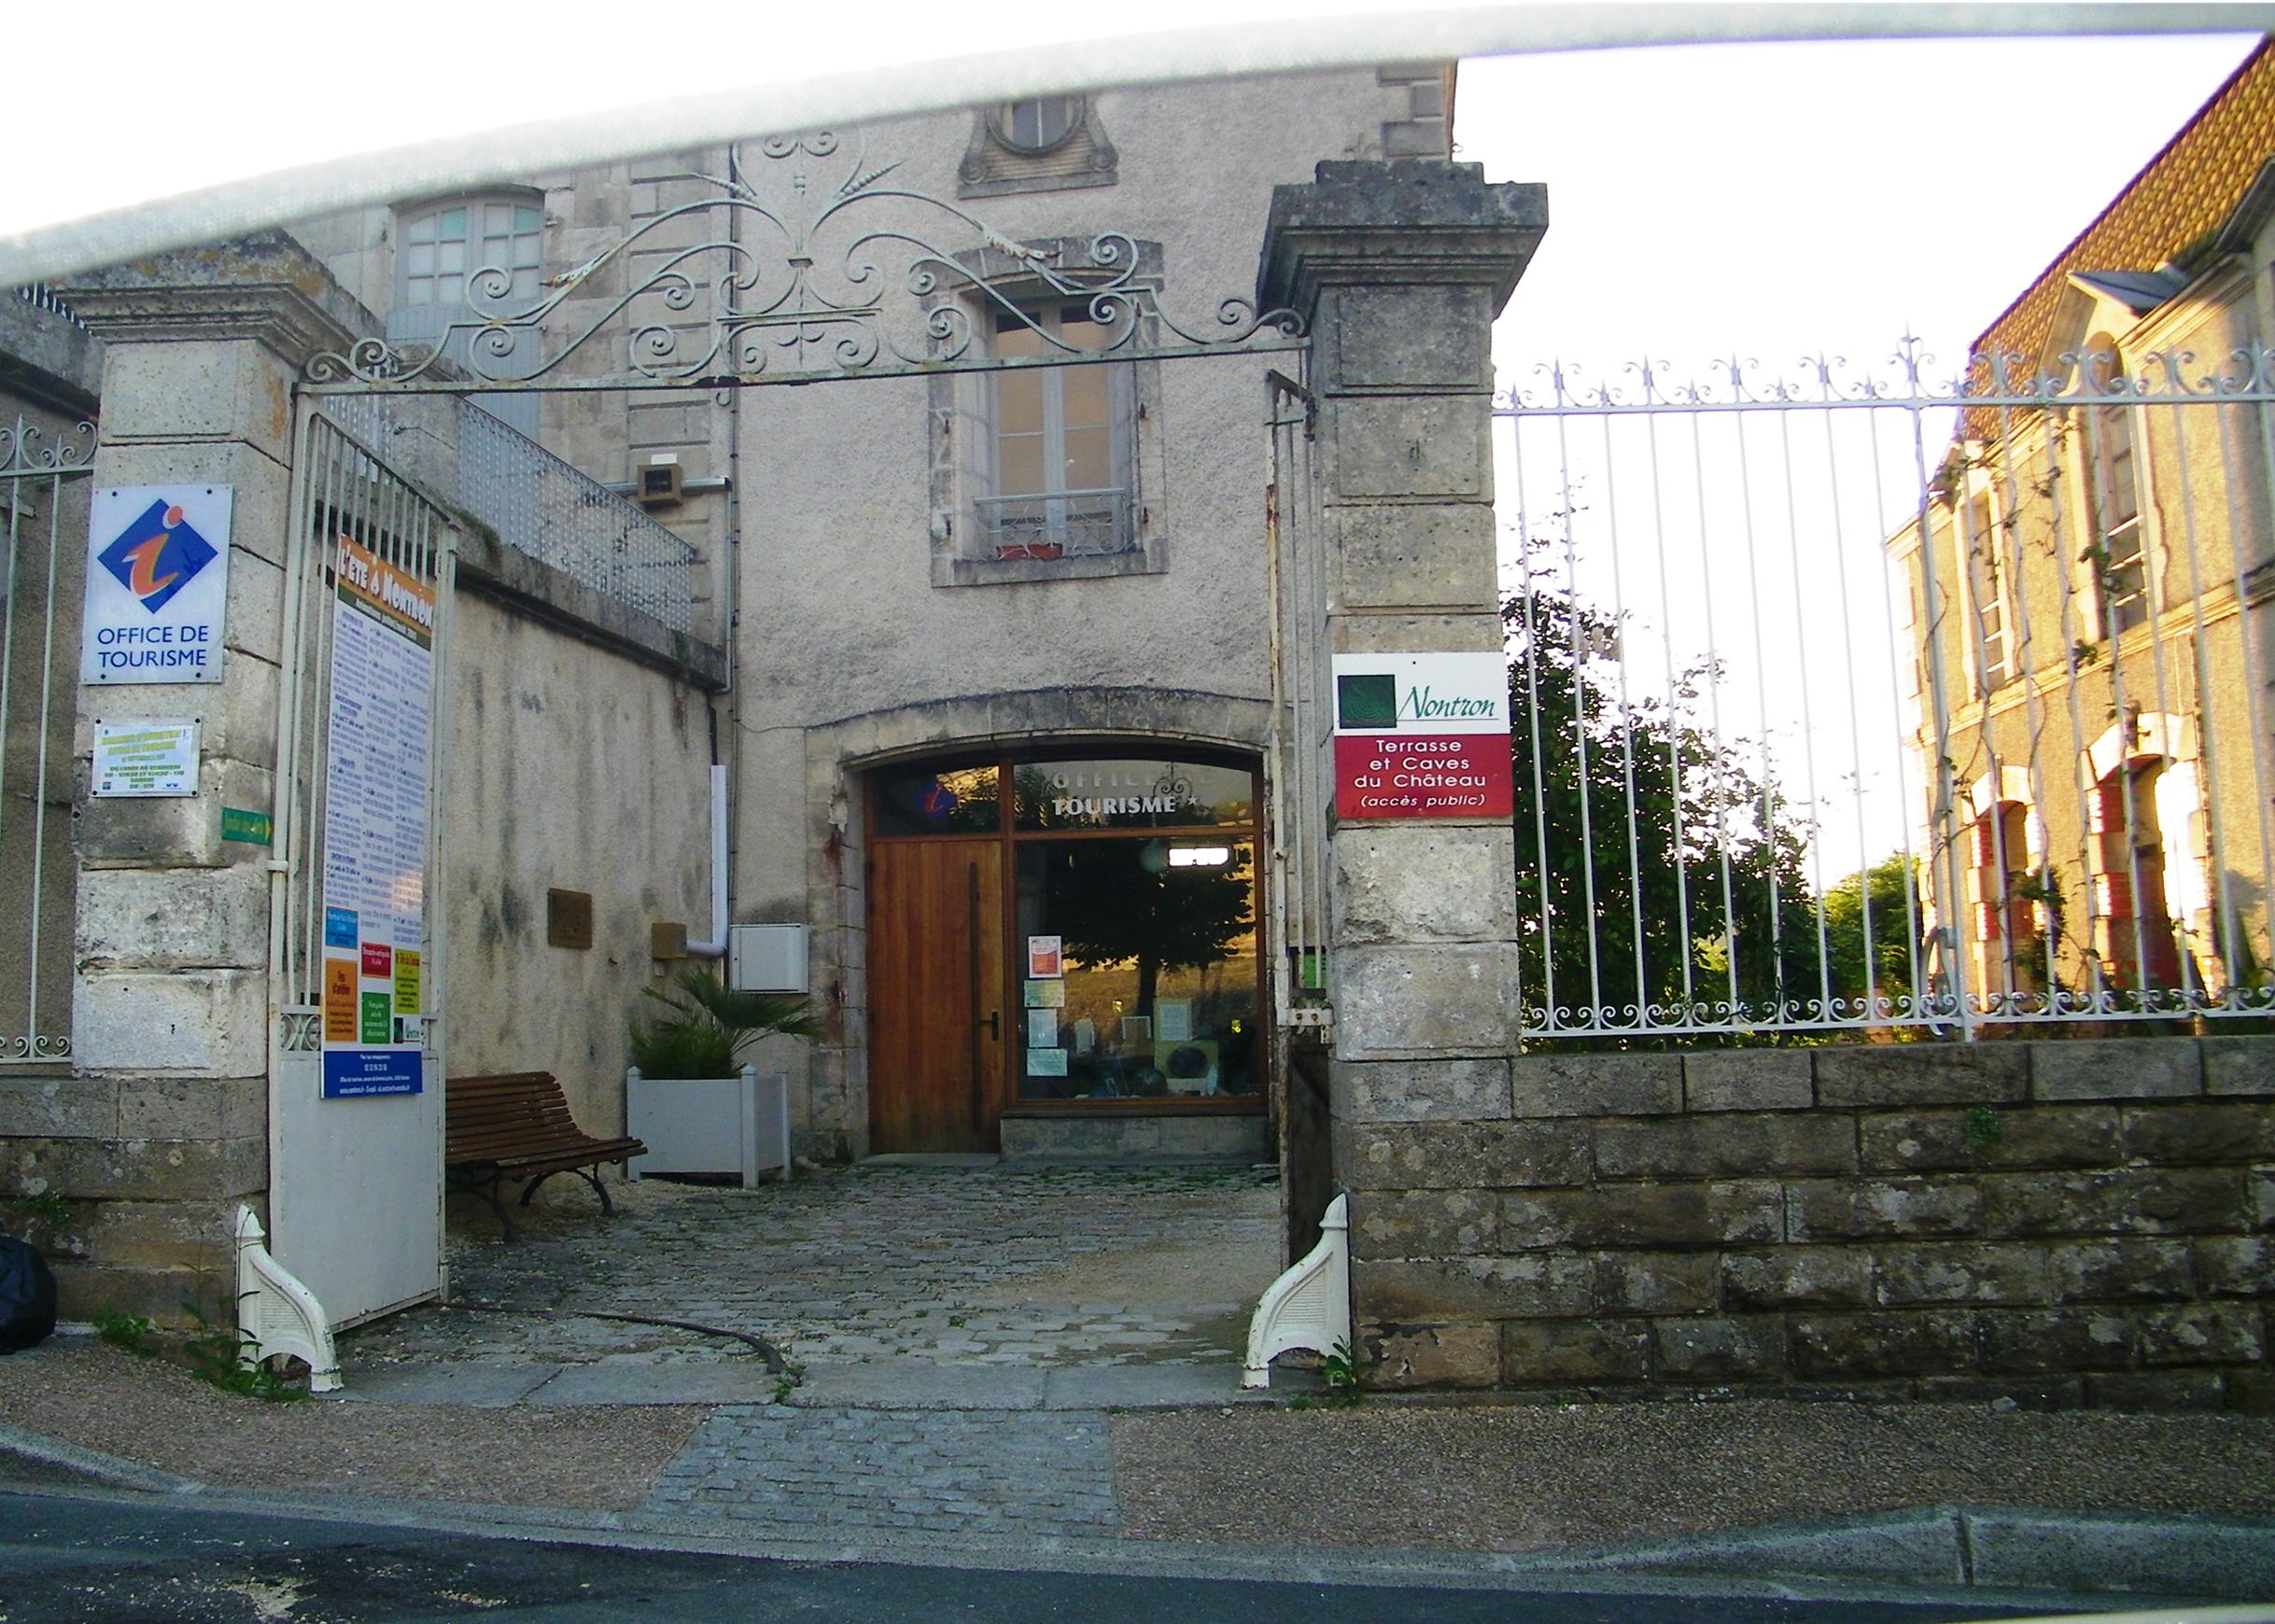 Office de tourisme communaut de communes du p rigord for Office du tourisme des yvelines